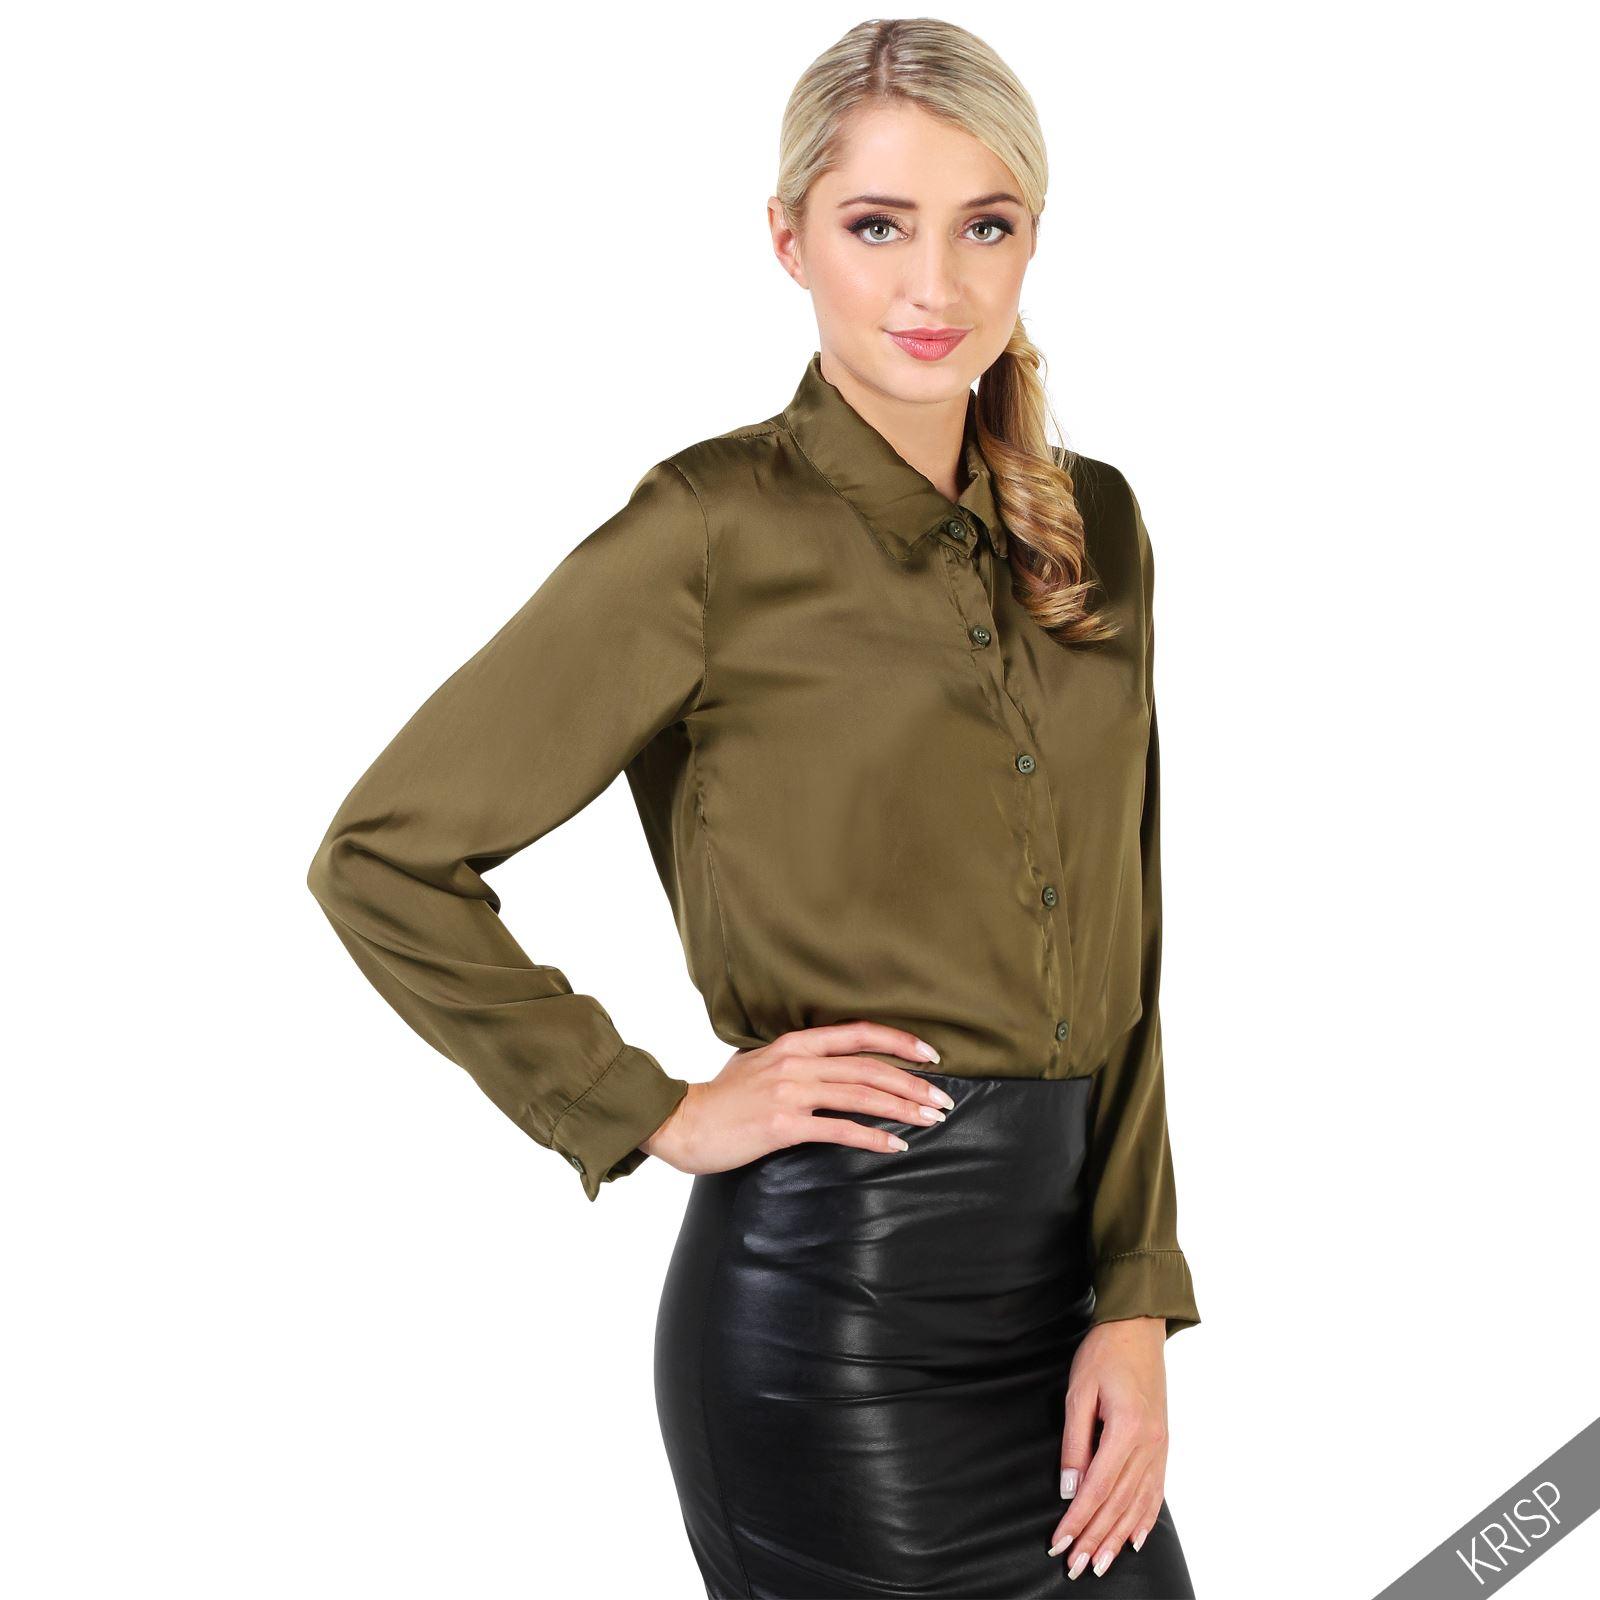 femmes chemise chemisier blouse haut satin manches longues mousseline tunique ebay. Black Bedroom Furniture Sets. Home Design Ideas